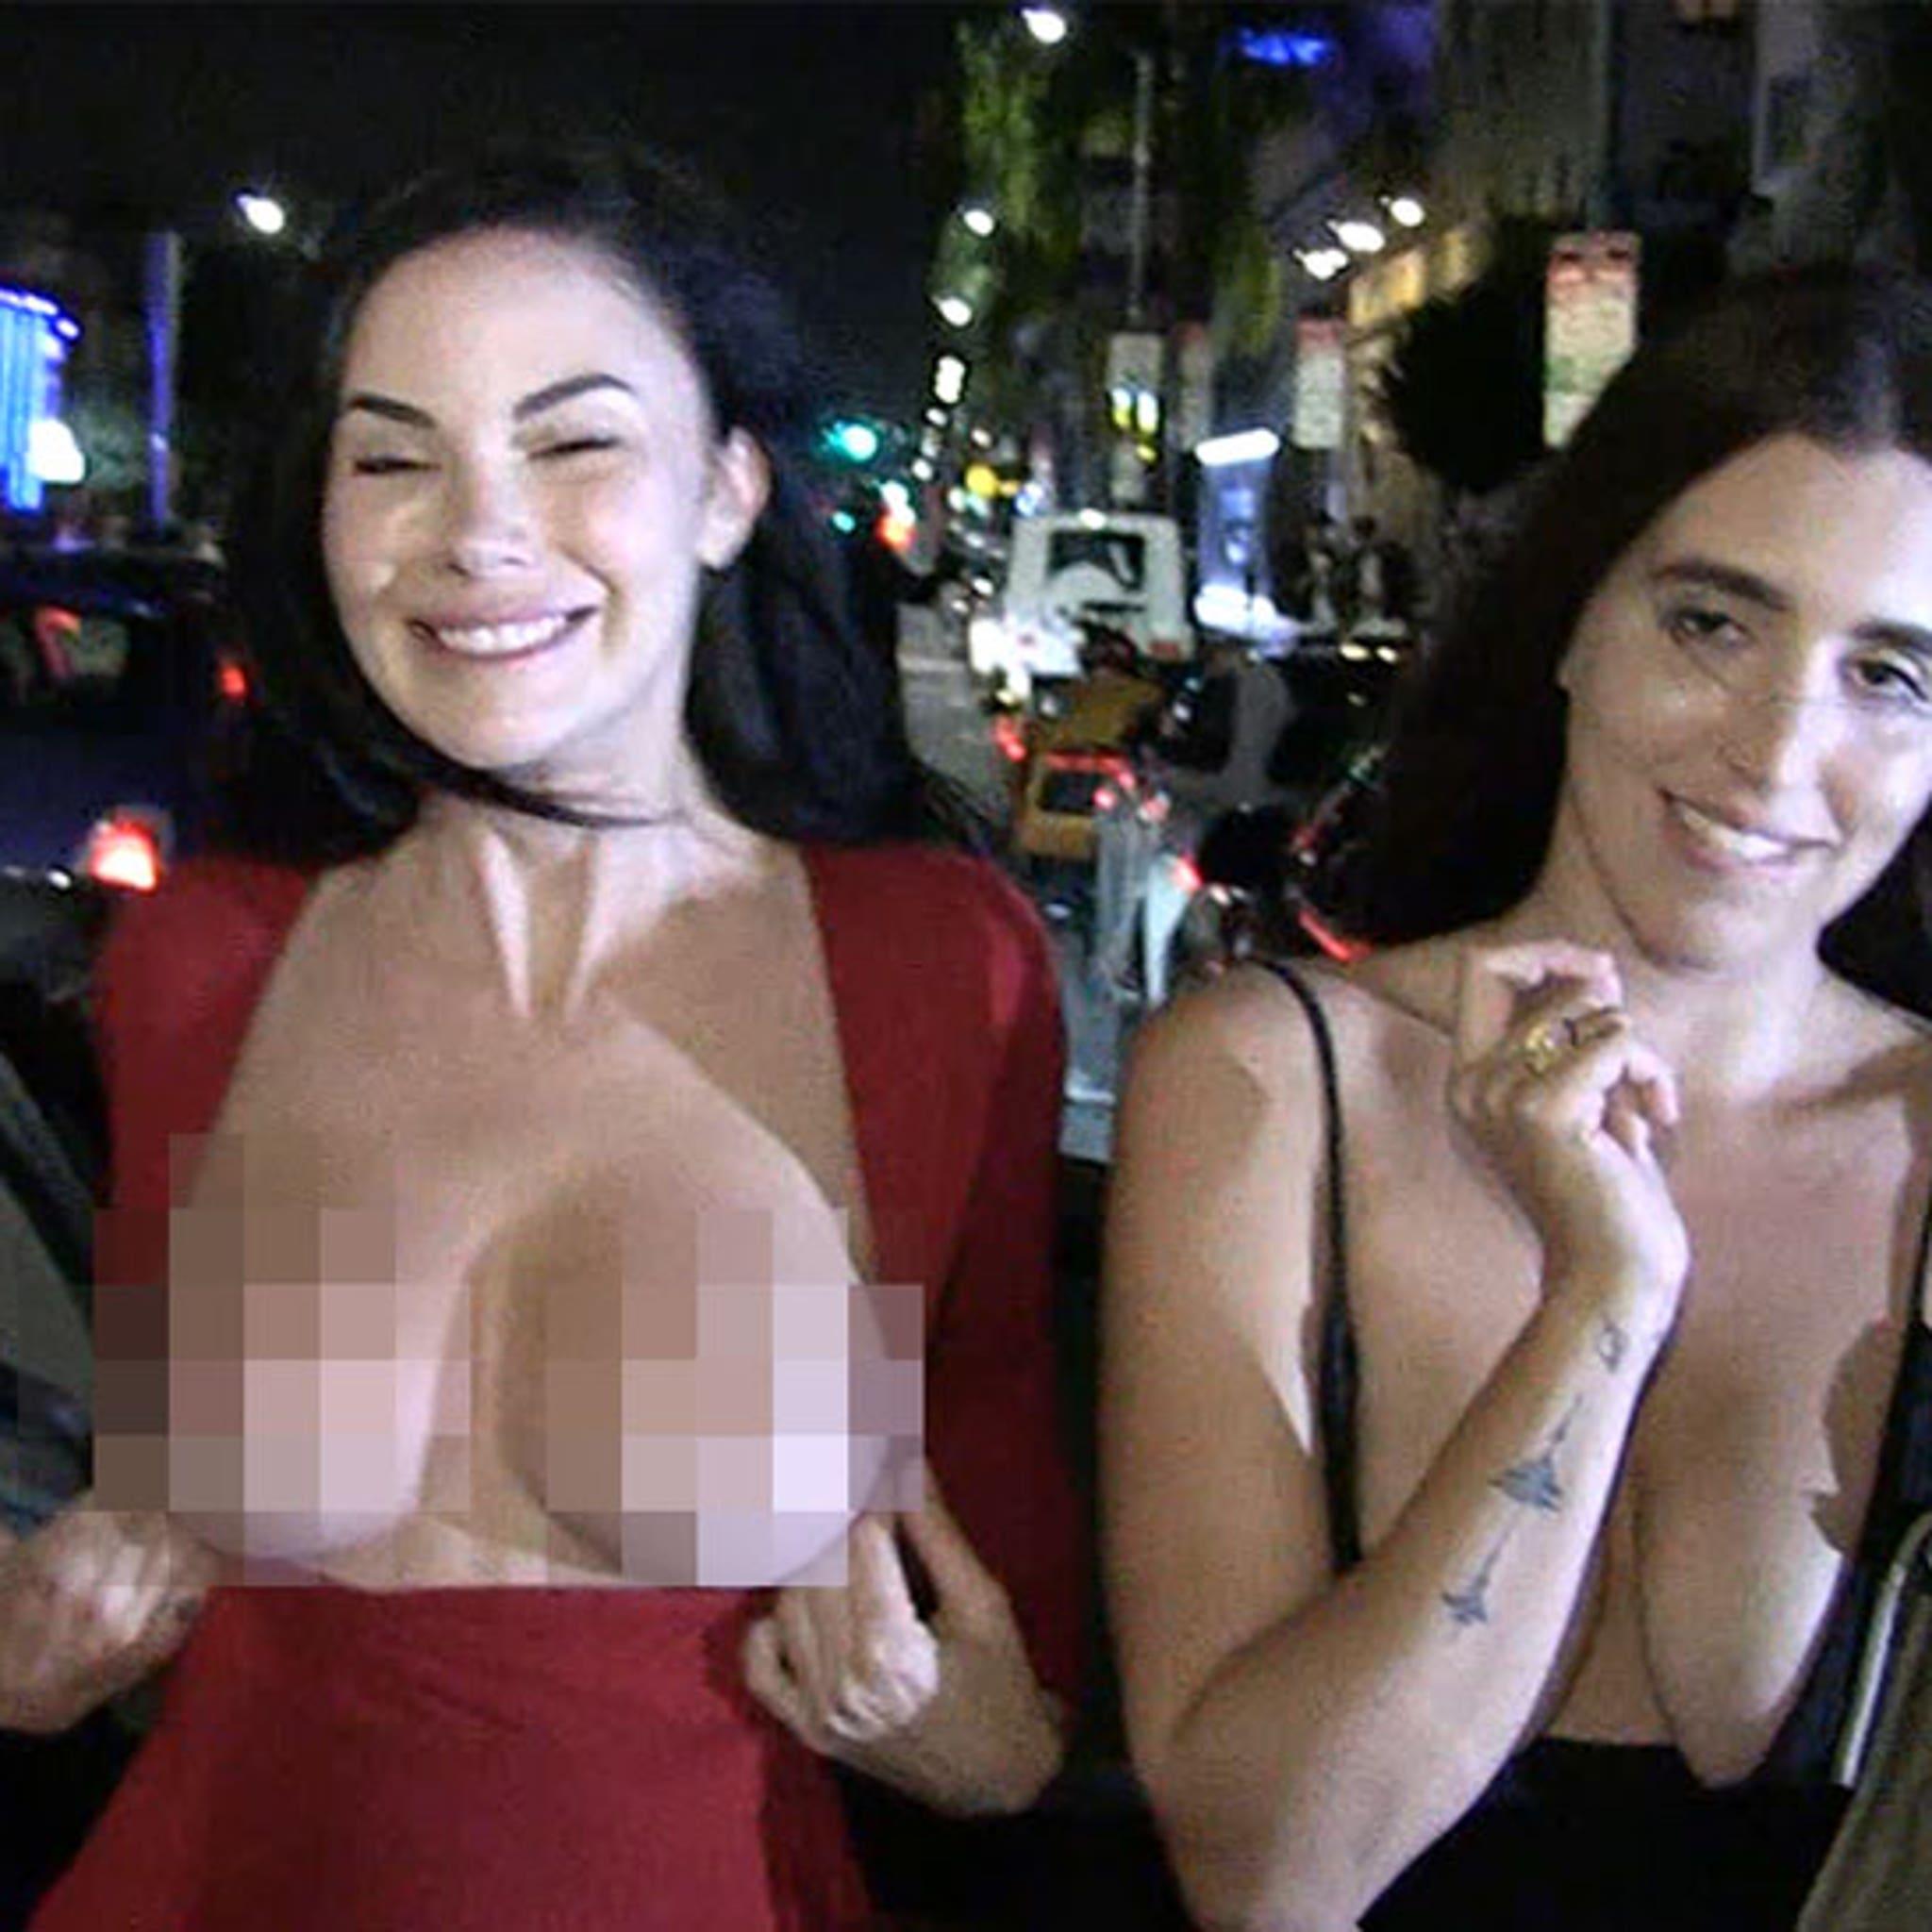 Playmate Jayde Nicole Frees Her Nipples In Defense of Florida Teen